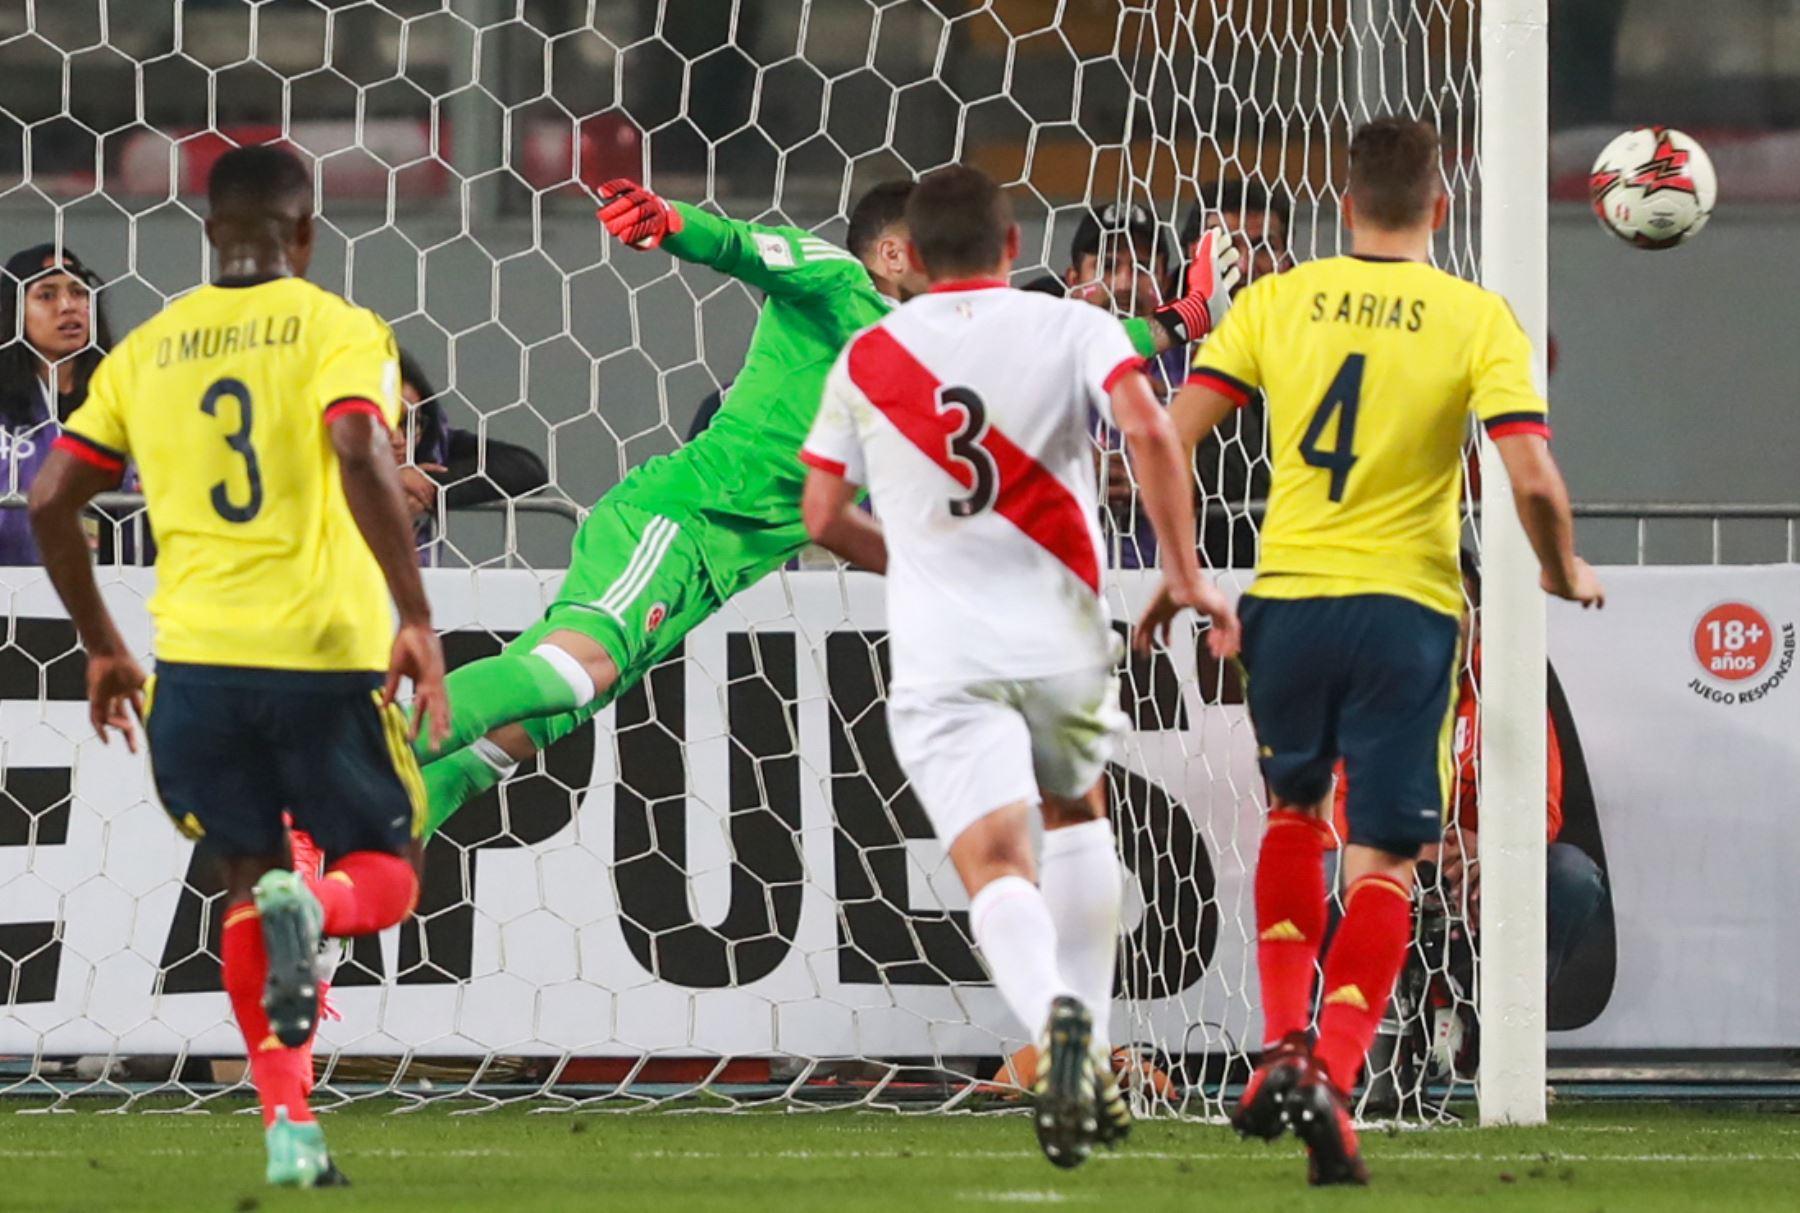 FIFA considera el gol de Perú a Colombia un autogol del portero David Ospina | Noticias | Agencia Peruana de Noticias Andina